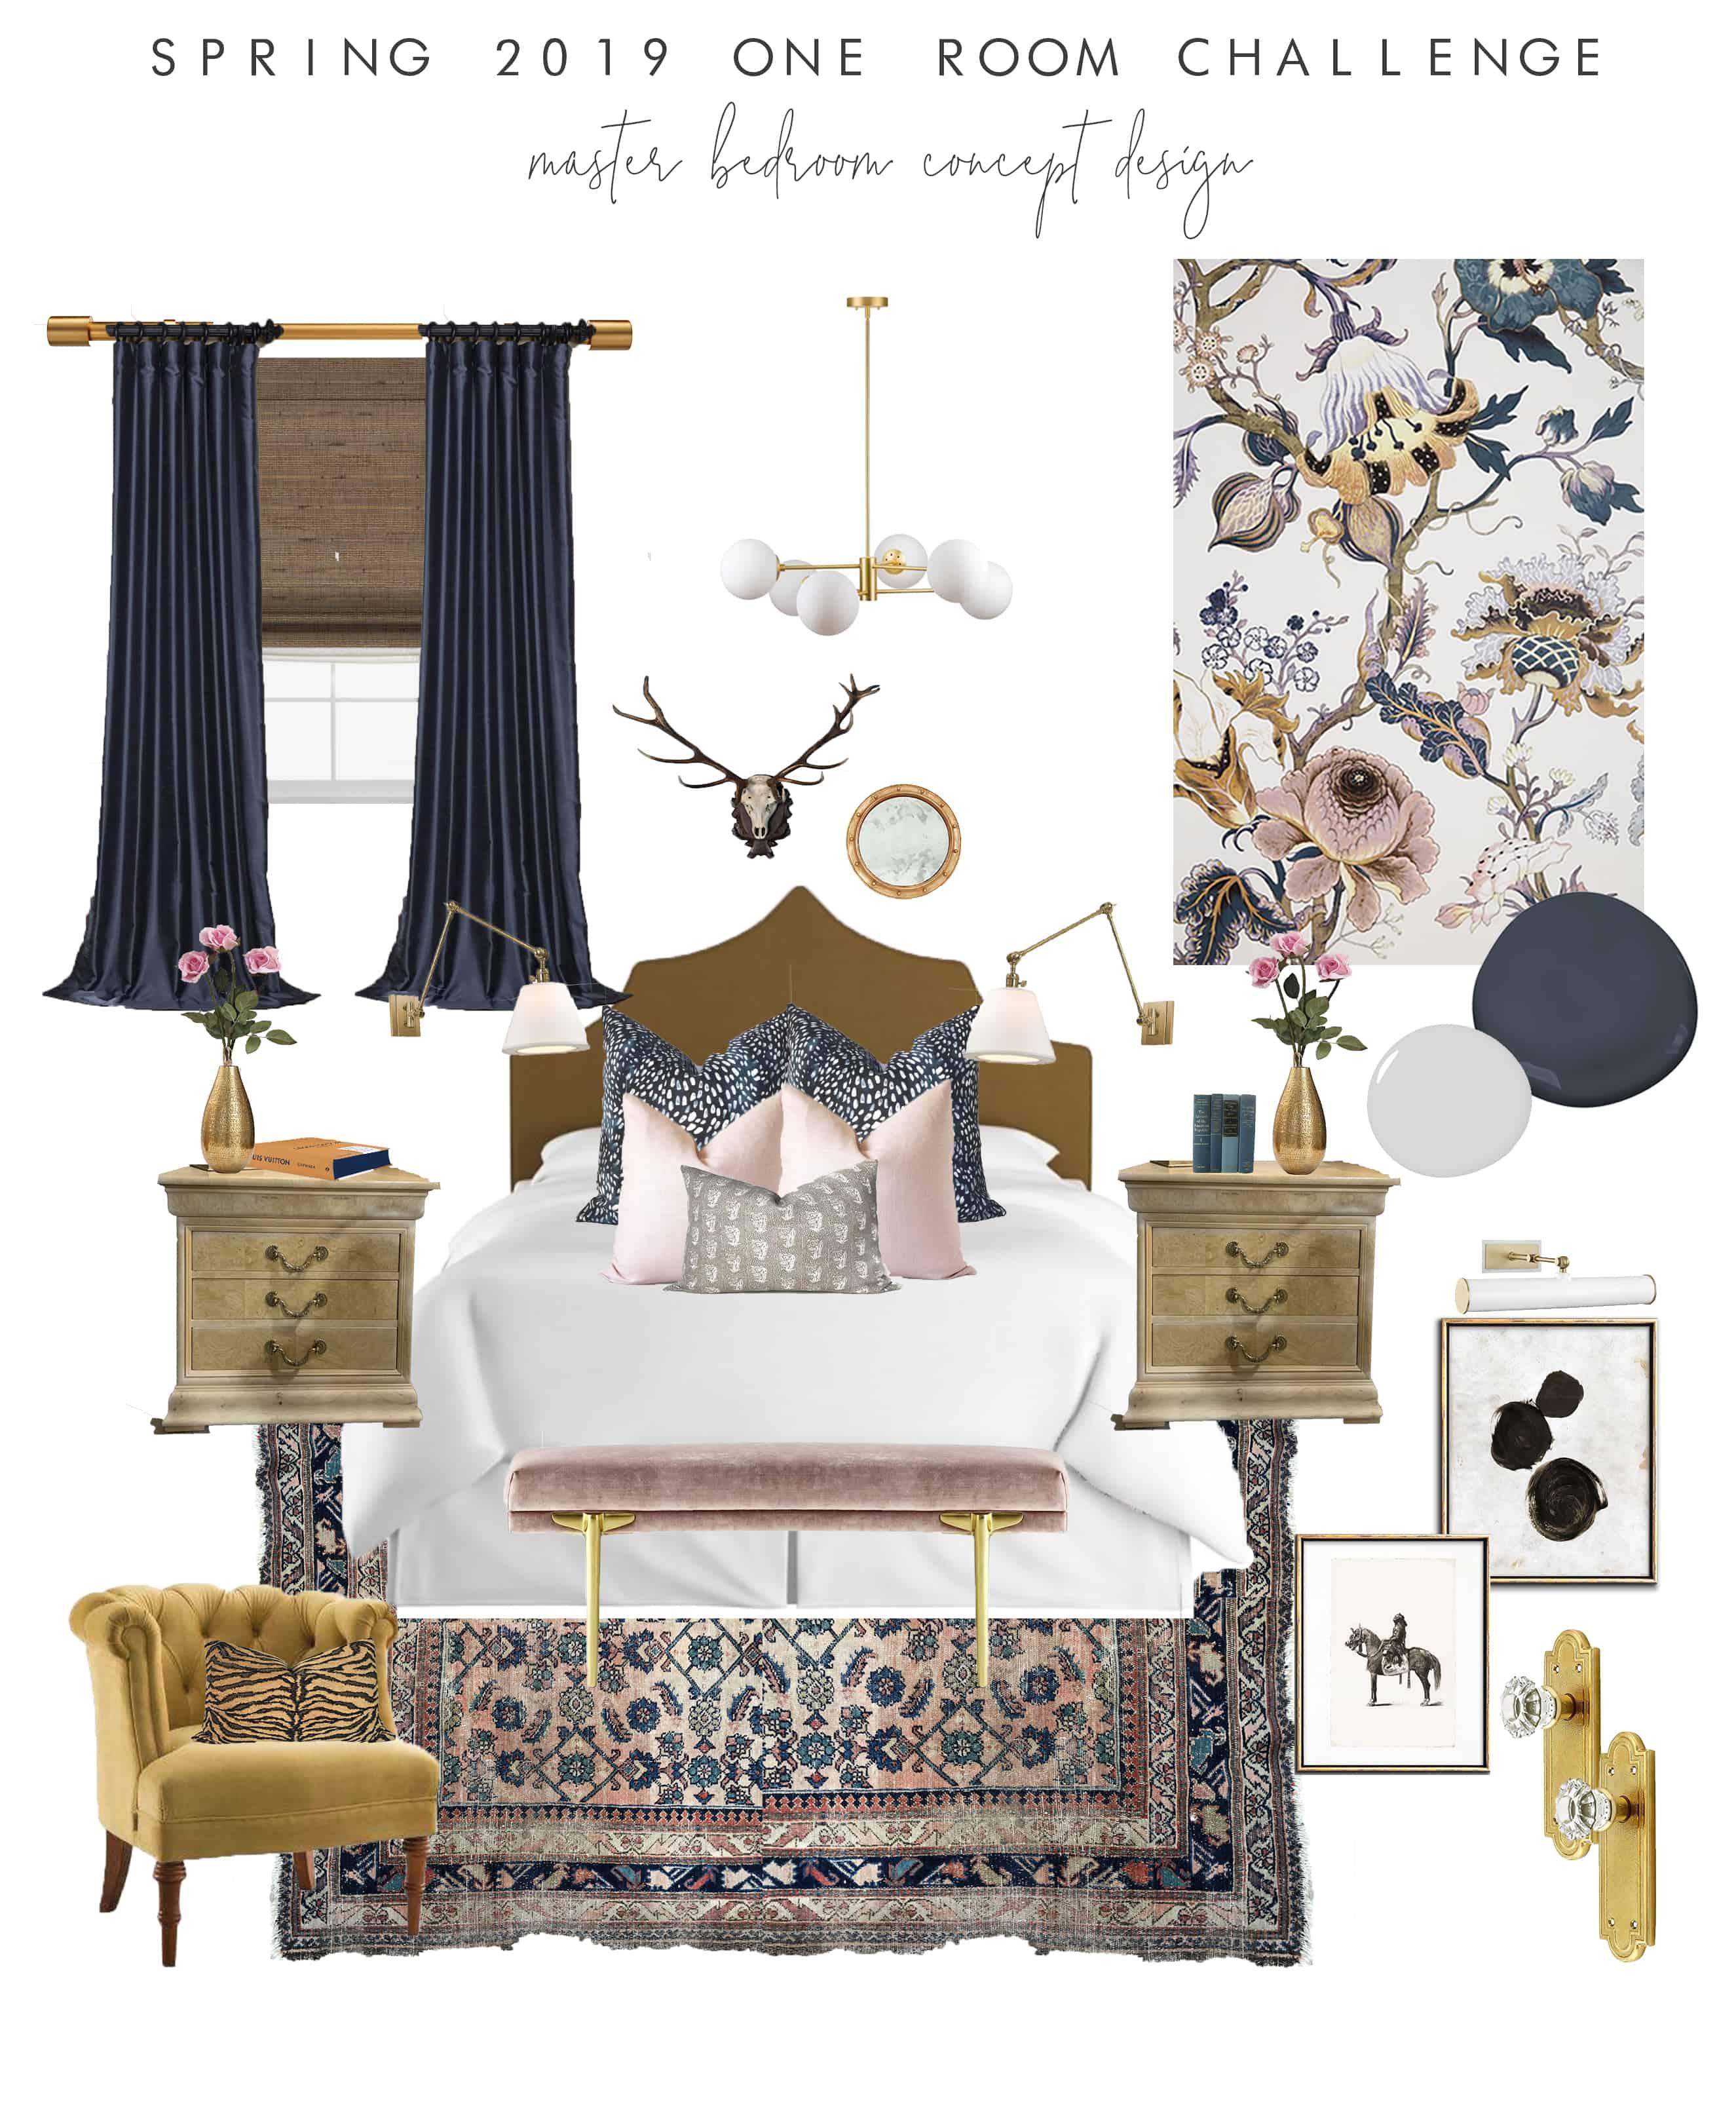 one-room-challenge-bedroom-design-concept